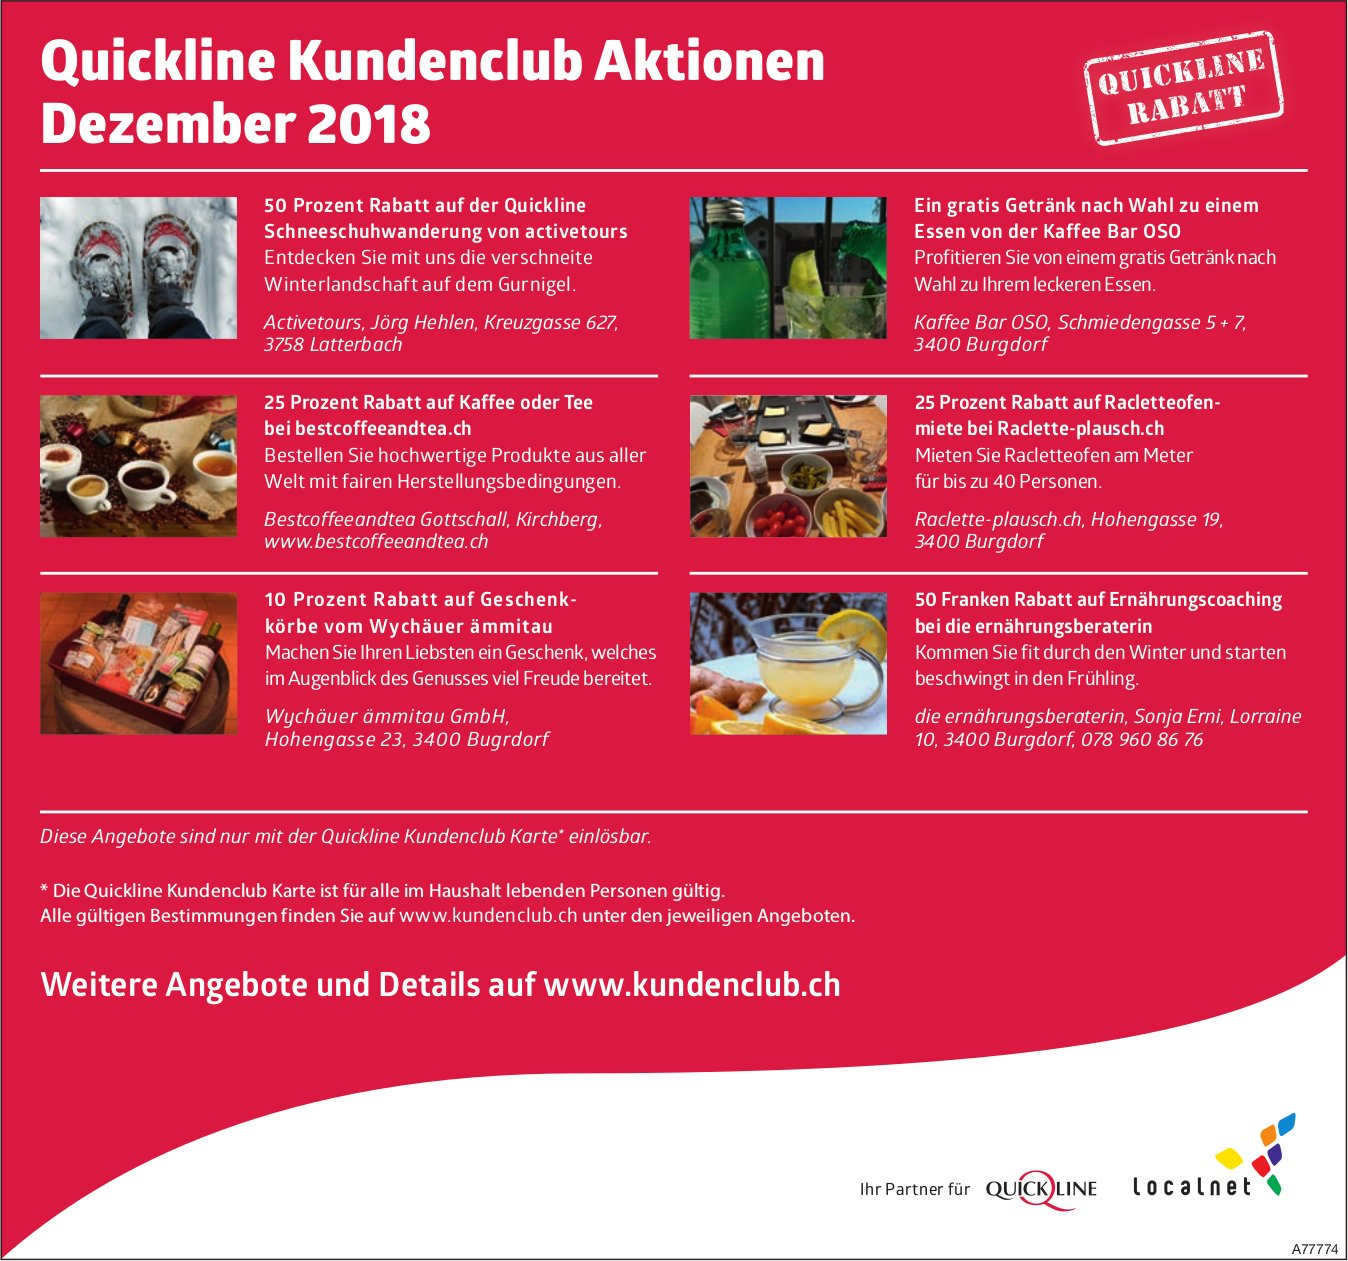 Quickline Kundenclub Aktionen im Dezember 2018